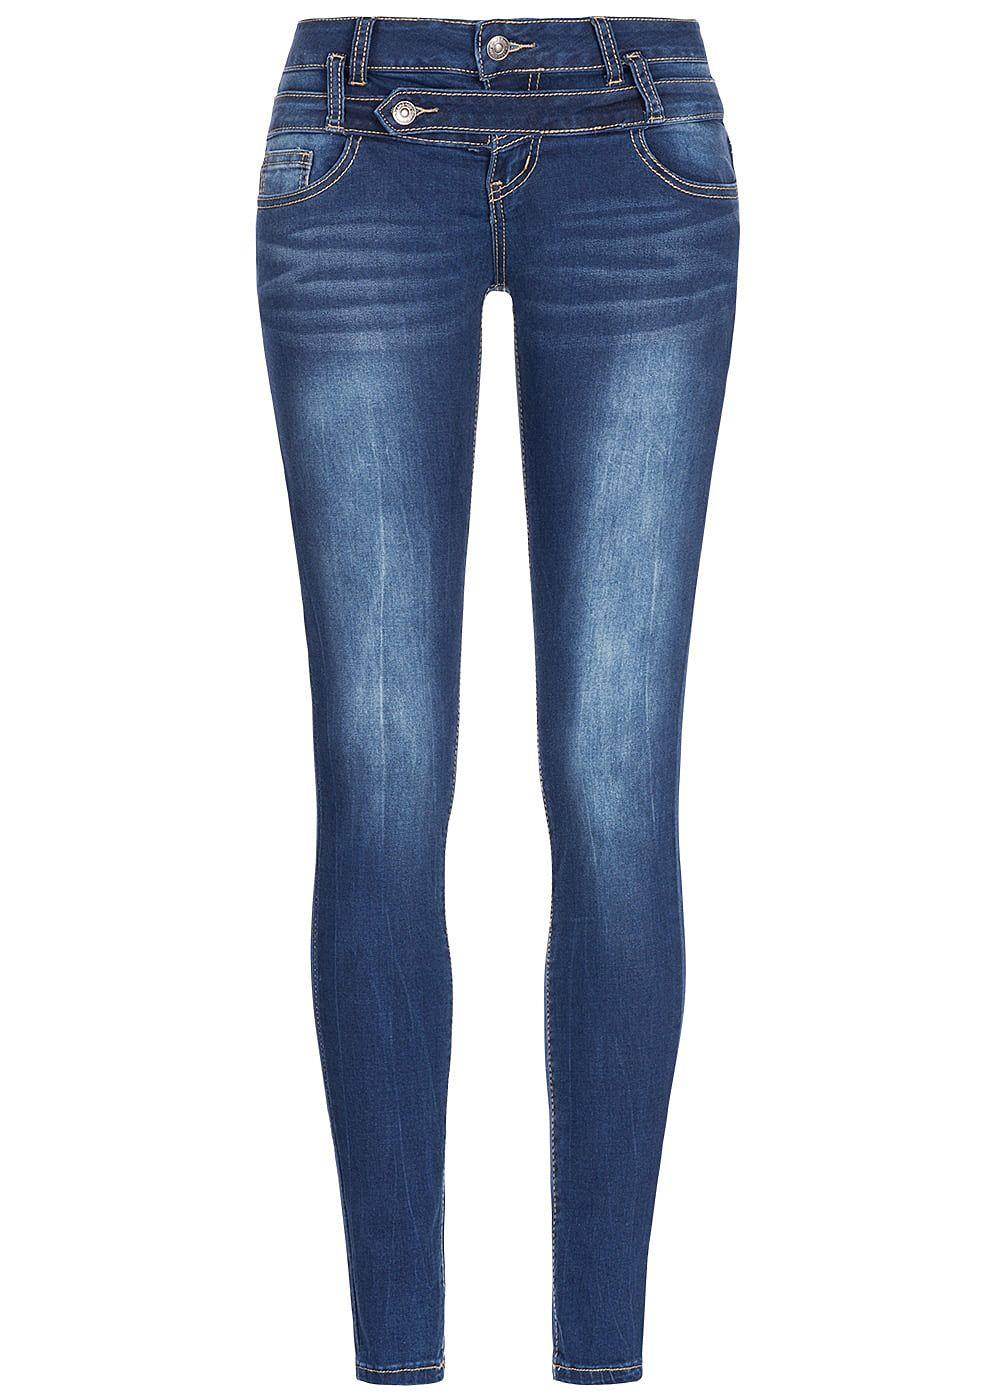 seventyseven lifestyle damen skinny jeans hose low waist 5. Black Bedroom Furniture Sets. Home Design Ideas